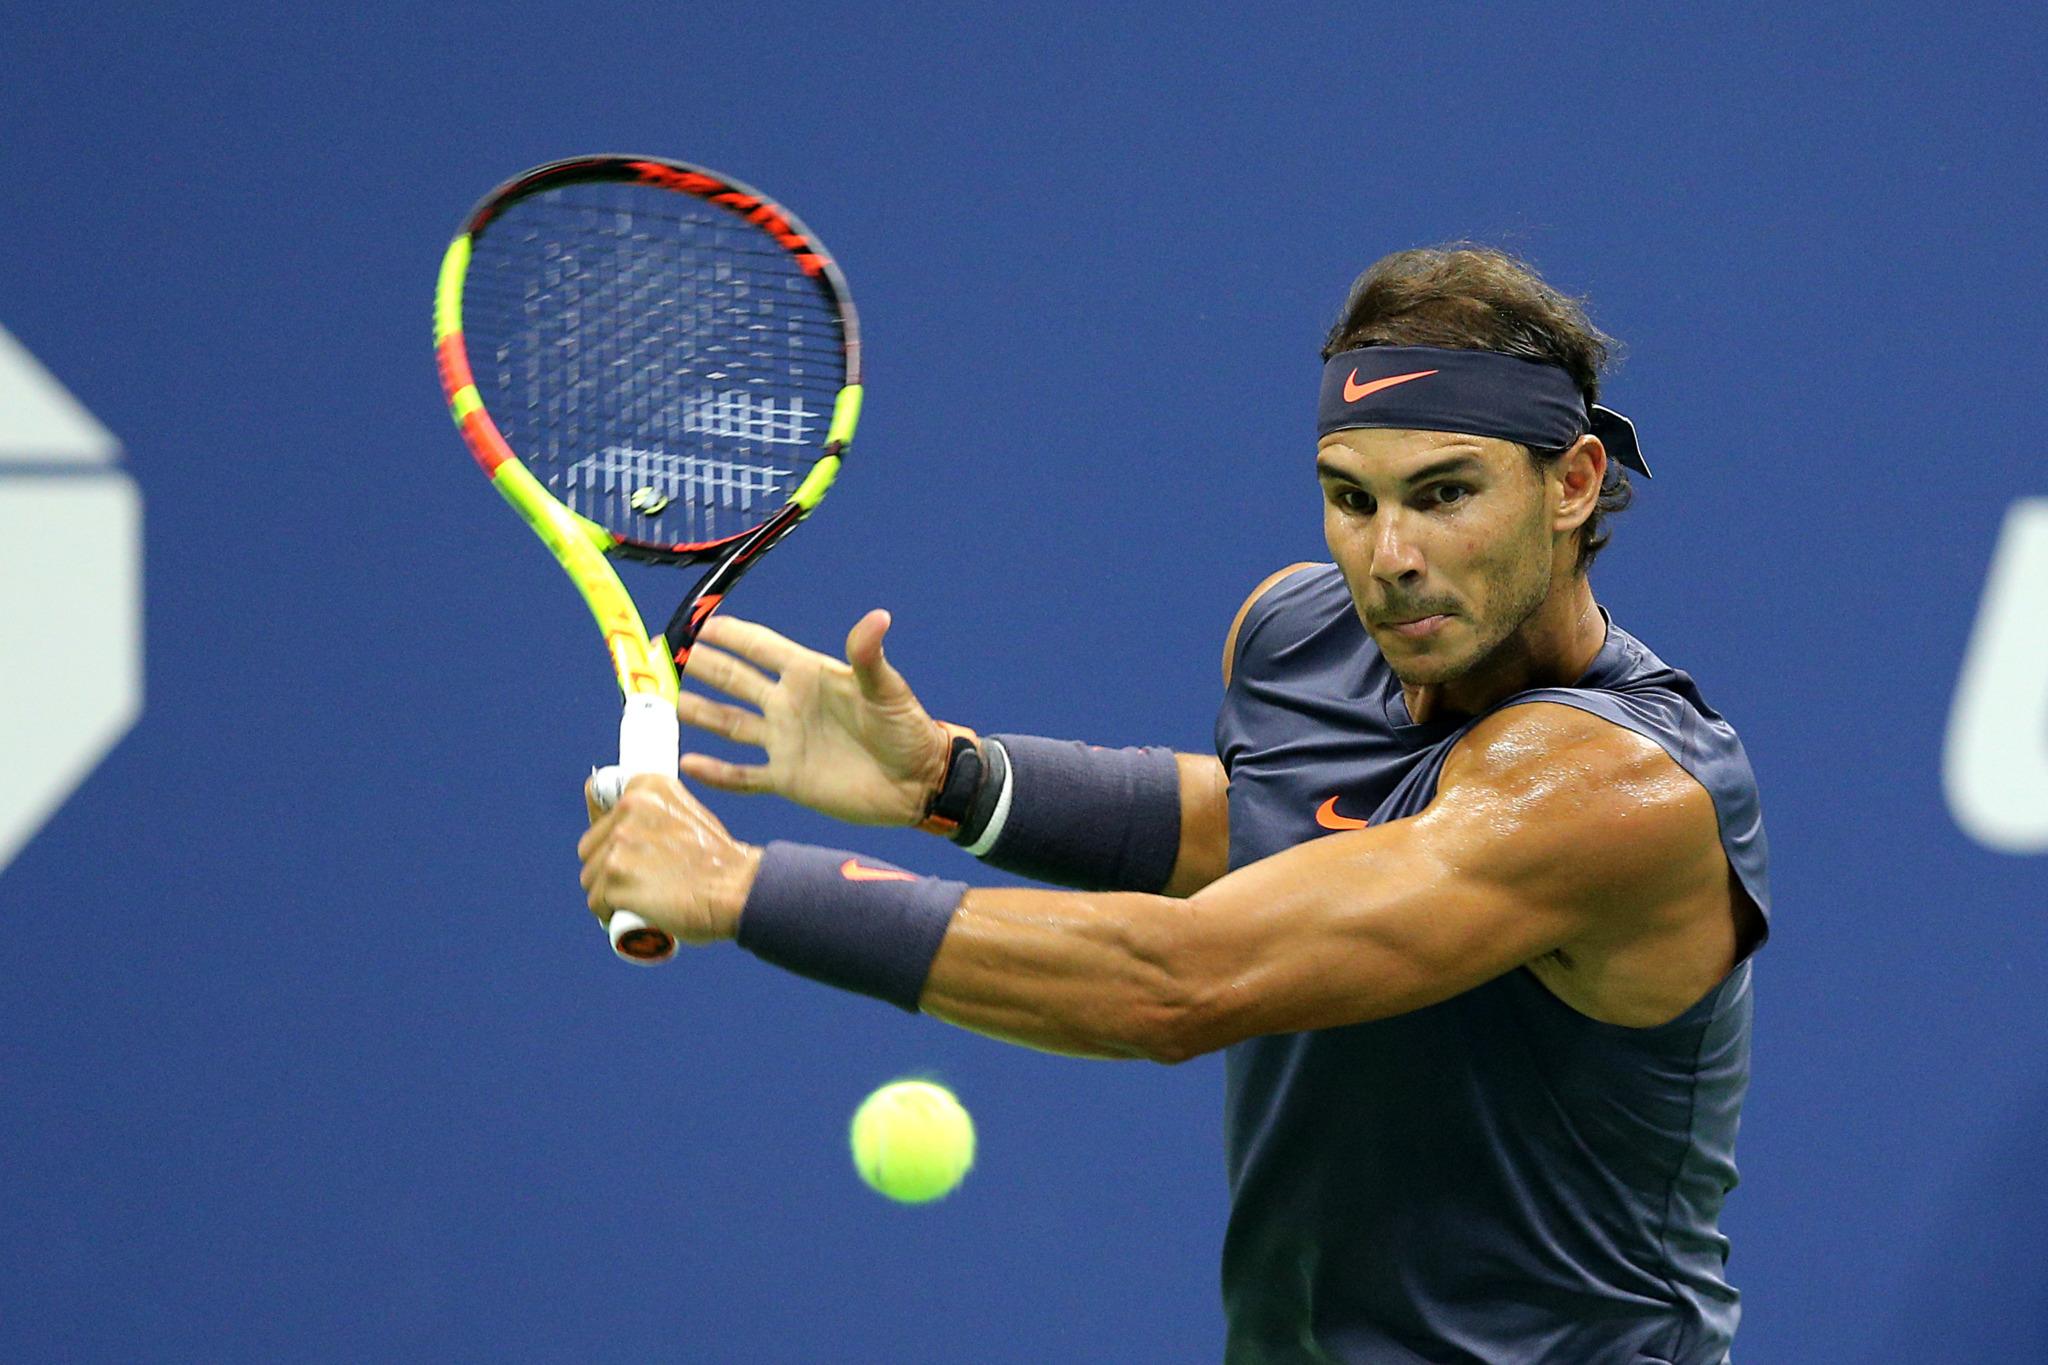 20180829 Rafael Nadal v Vasek Pospisil - Day 3